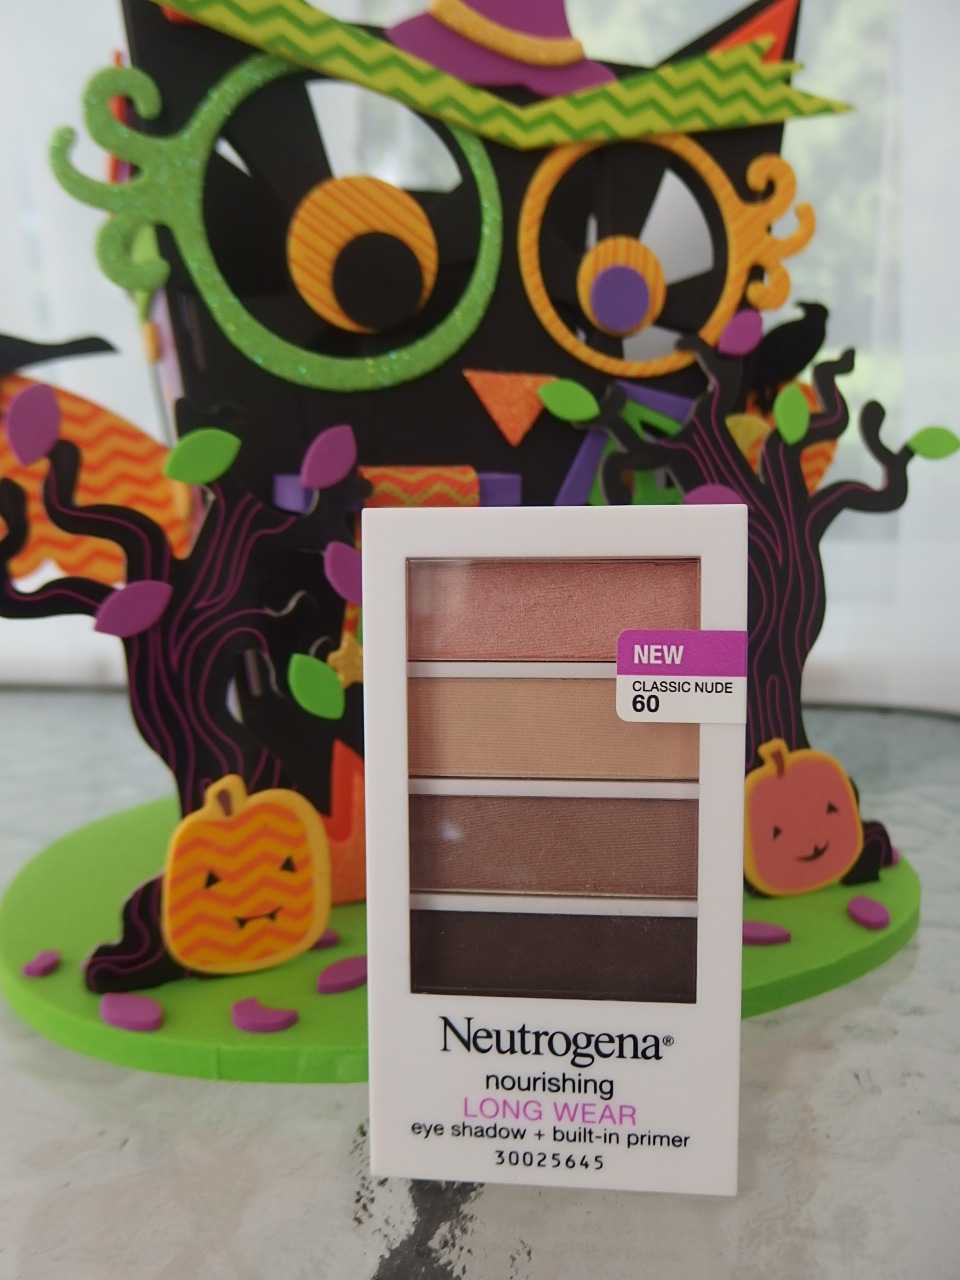 Neutrogena nourishing long wear